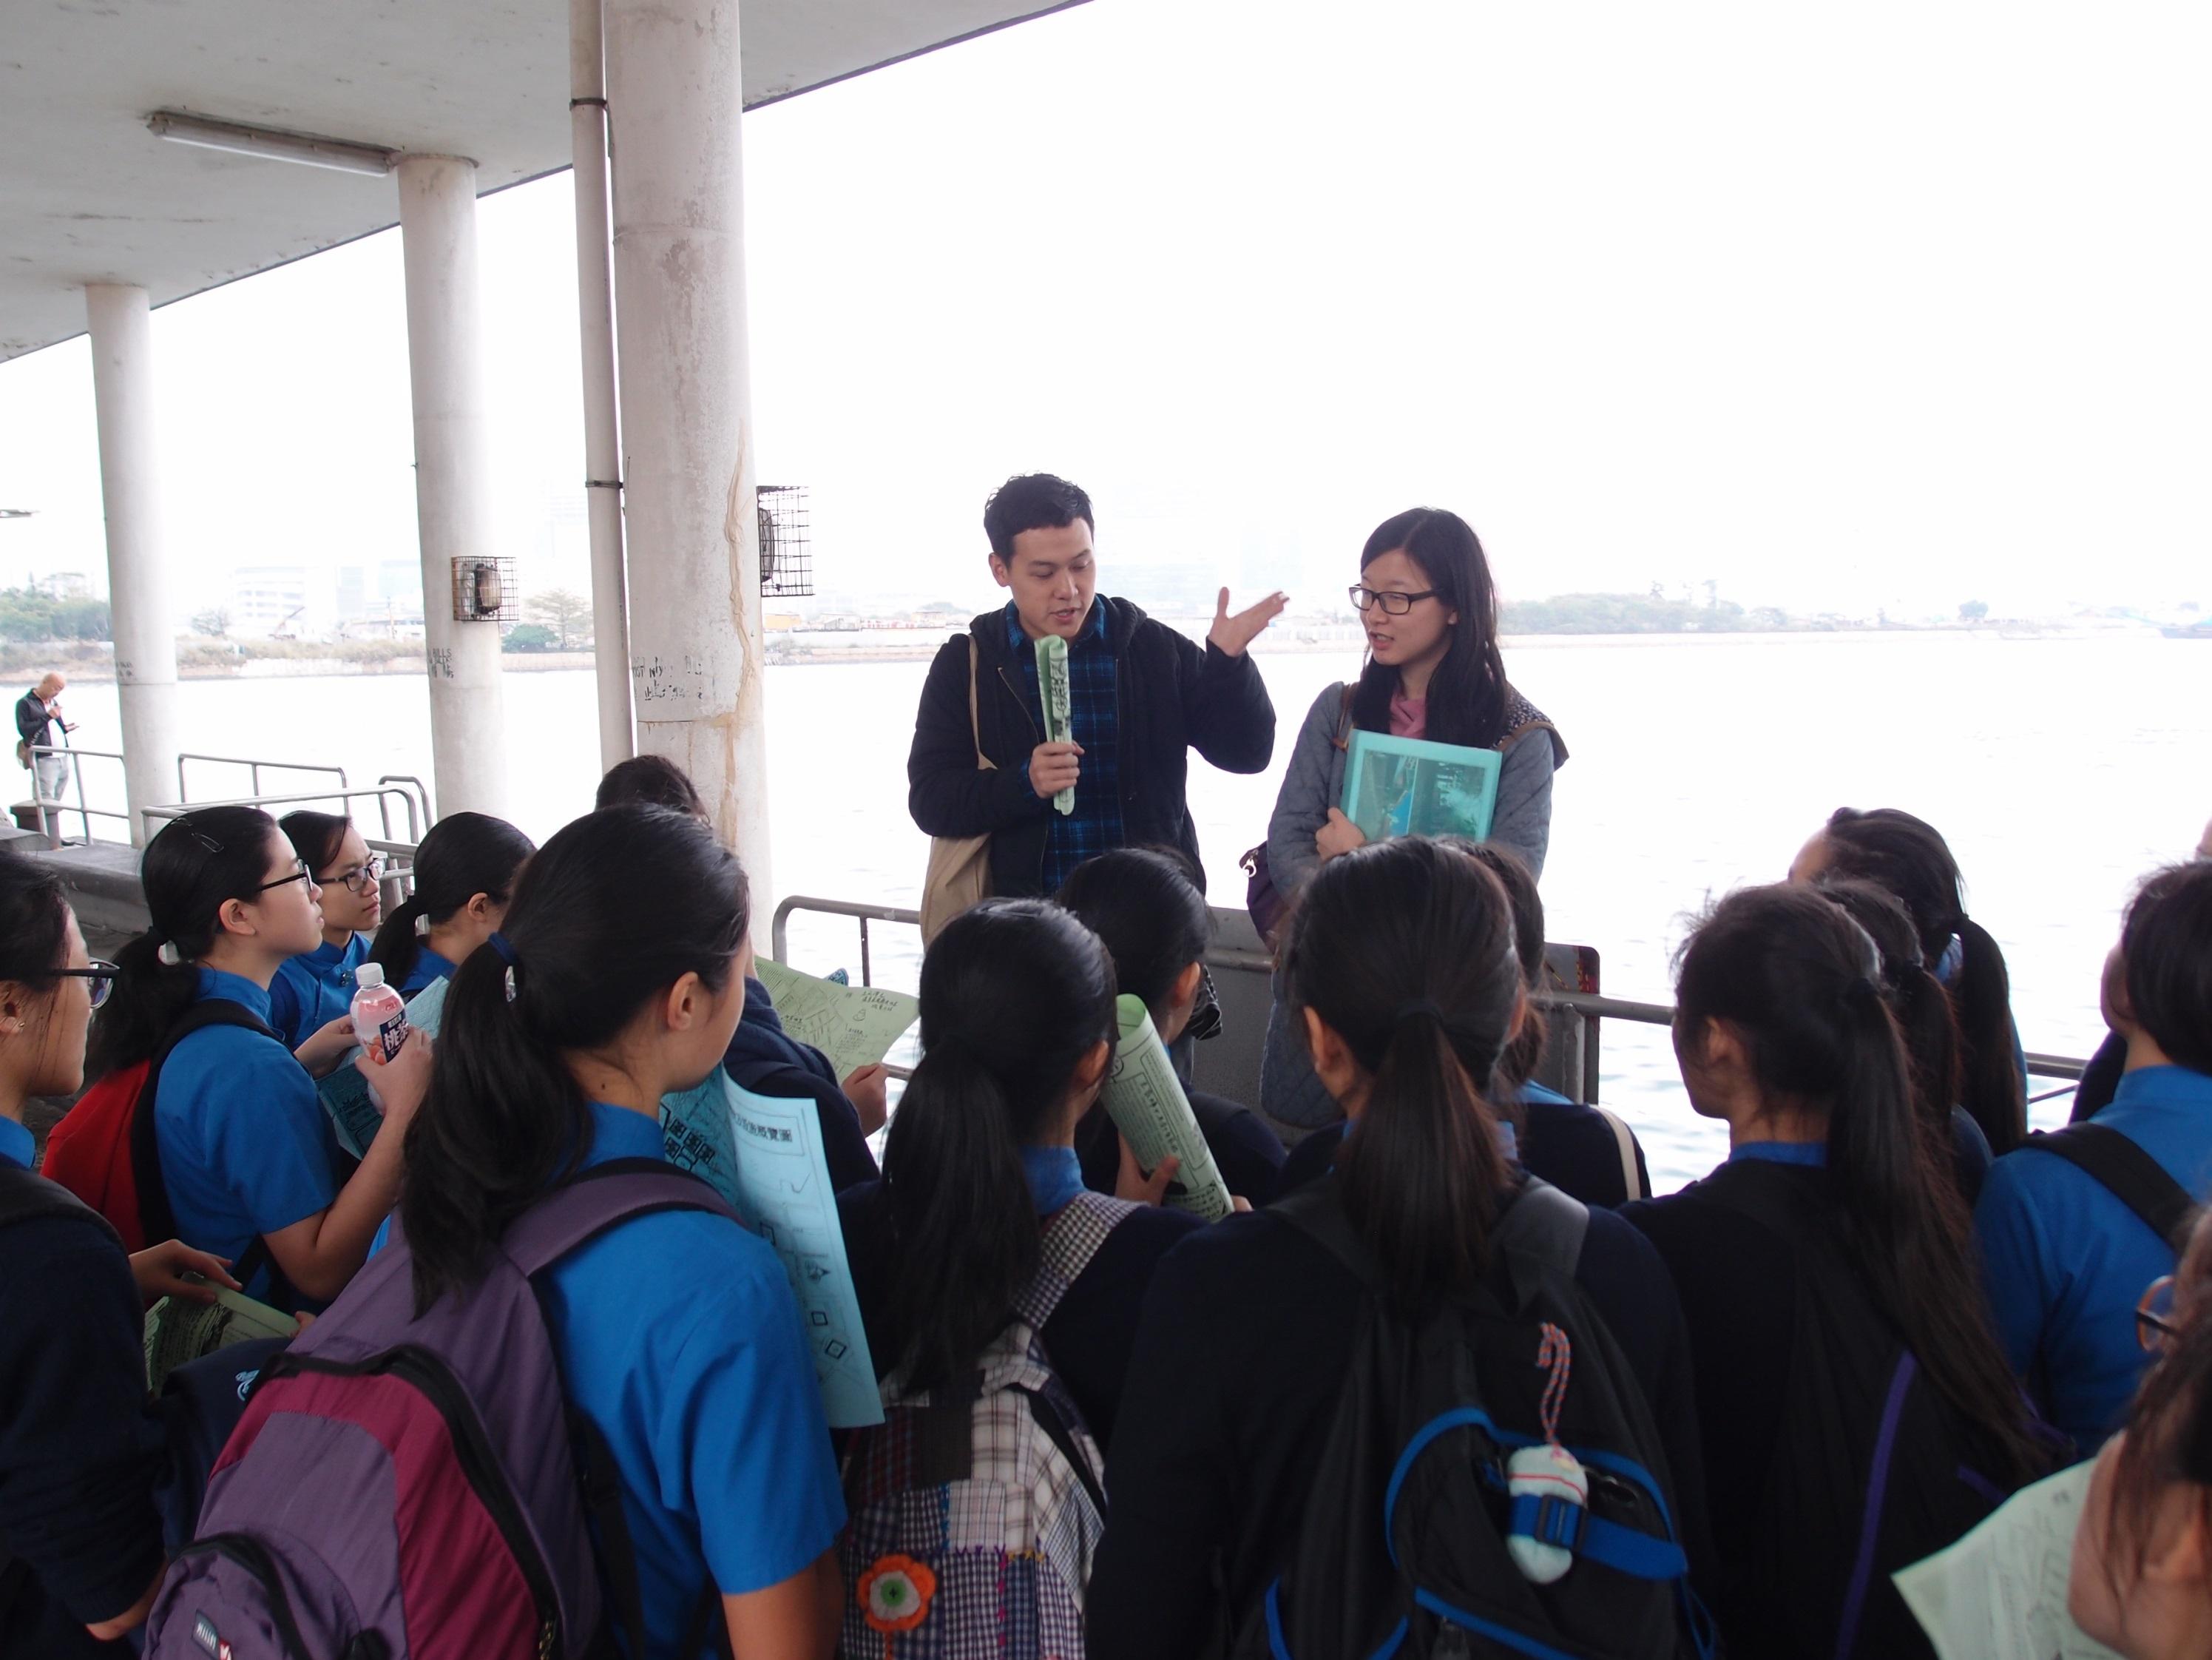 土瓜灣故事館(土家)舉辦的社區導賞,向參與「妙想氈開」計劃的中學生講述土瓜灣的市區重建現況。